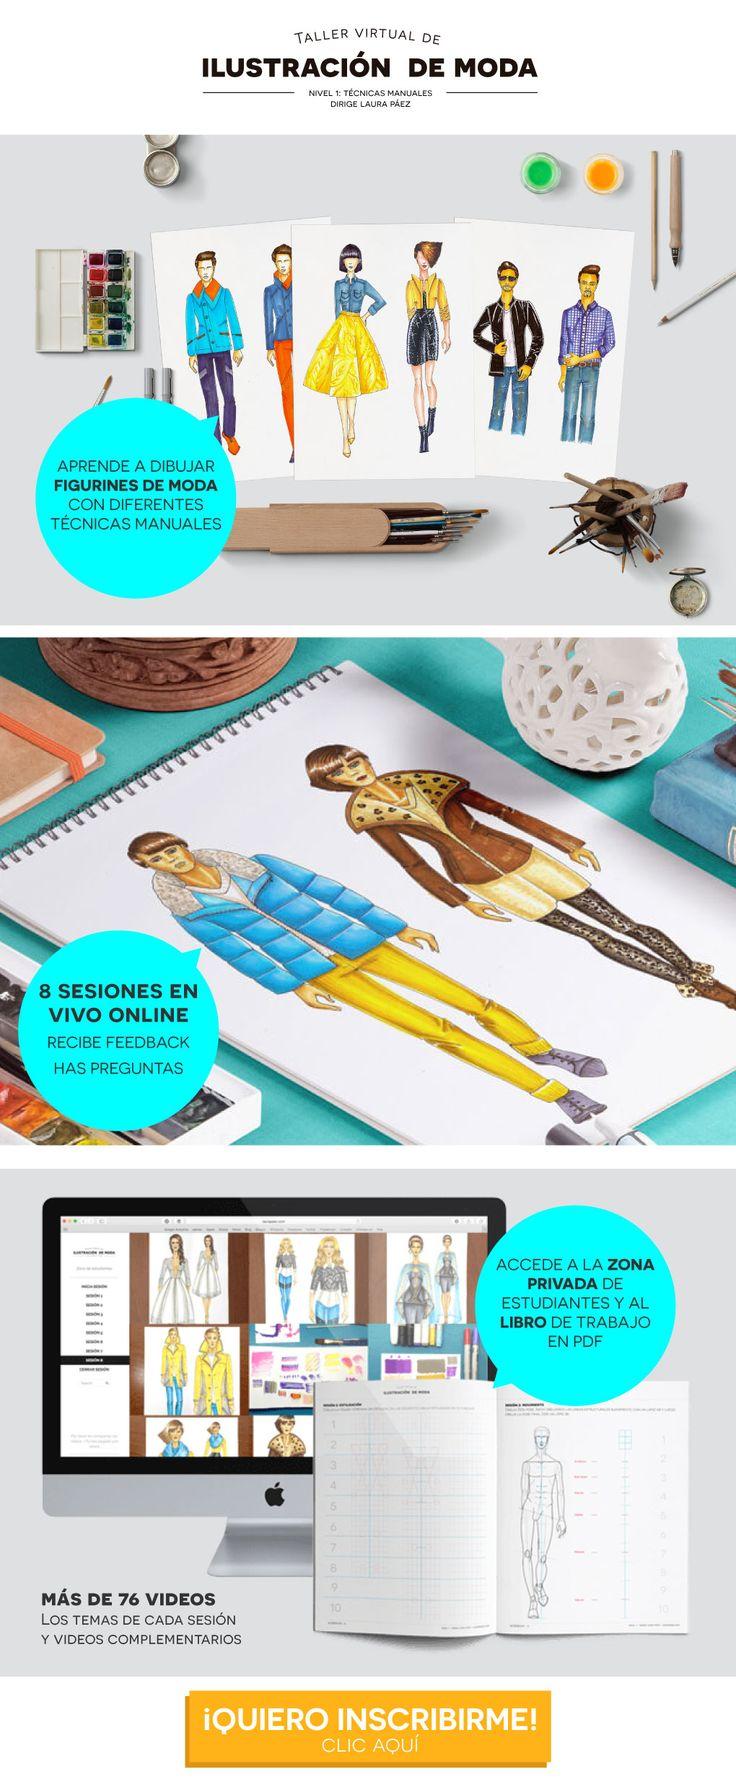 Aprende a dibujar figurines de moda desde cero en éste taller online. Te enseñaré desde lo básico la figura humana, estilización del figurín, dibujo de prendas y técnicas manuales de ilustración. Inscríbete haciendo clic en la imagen. Veremos las herramientas básicas de Photoshop e Illustrator #figurindemoda #ilustraciondemoda #croquisdemoda #fashionillustration#geometrales #techpacks